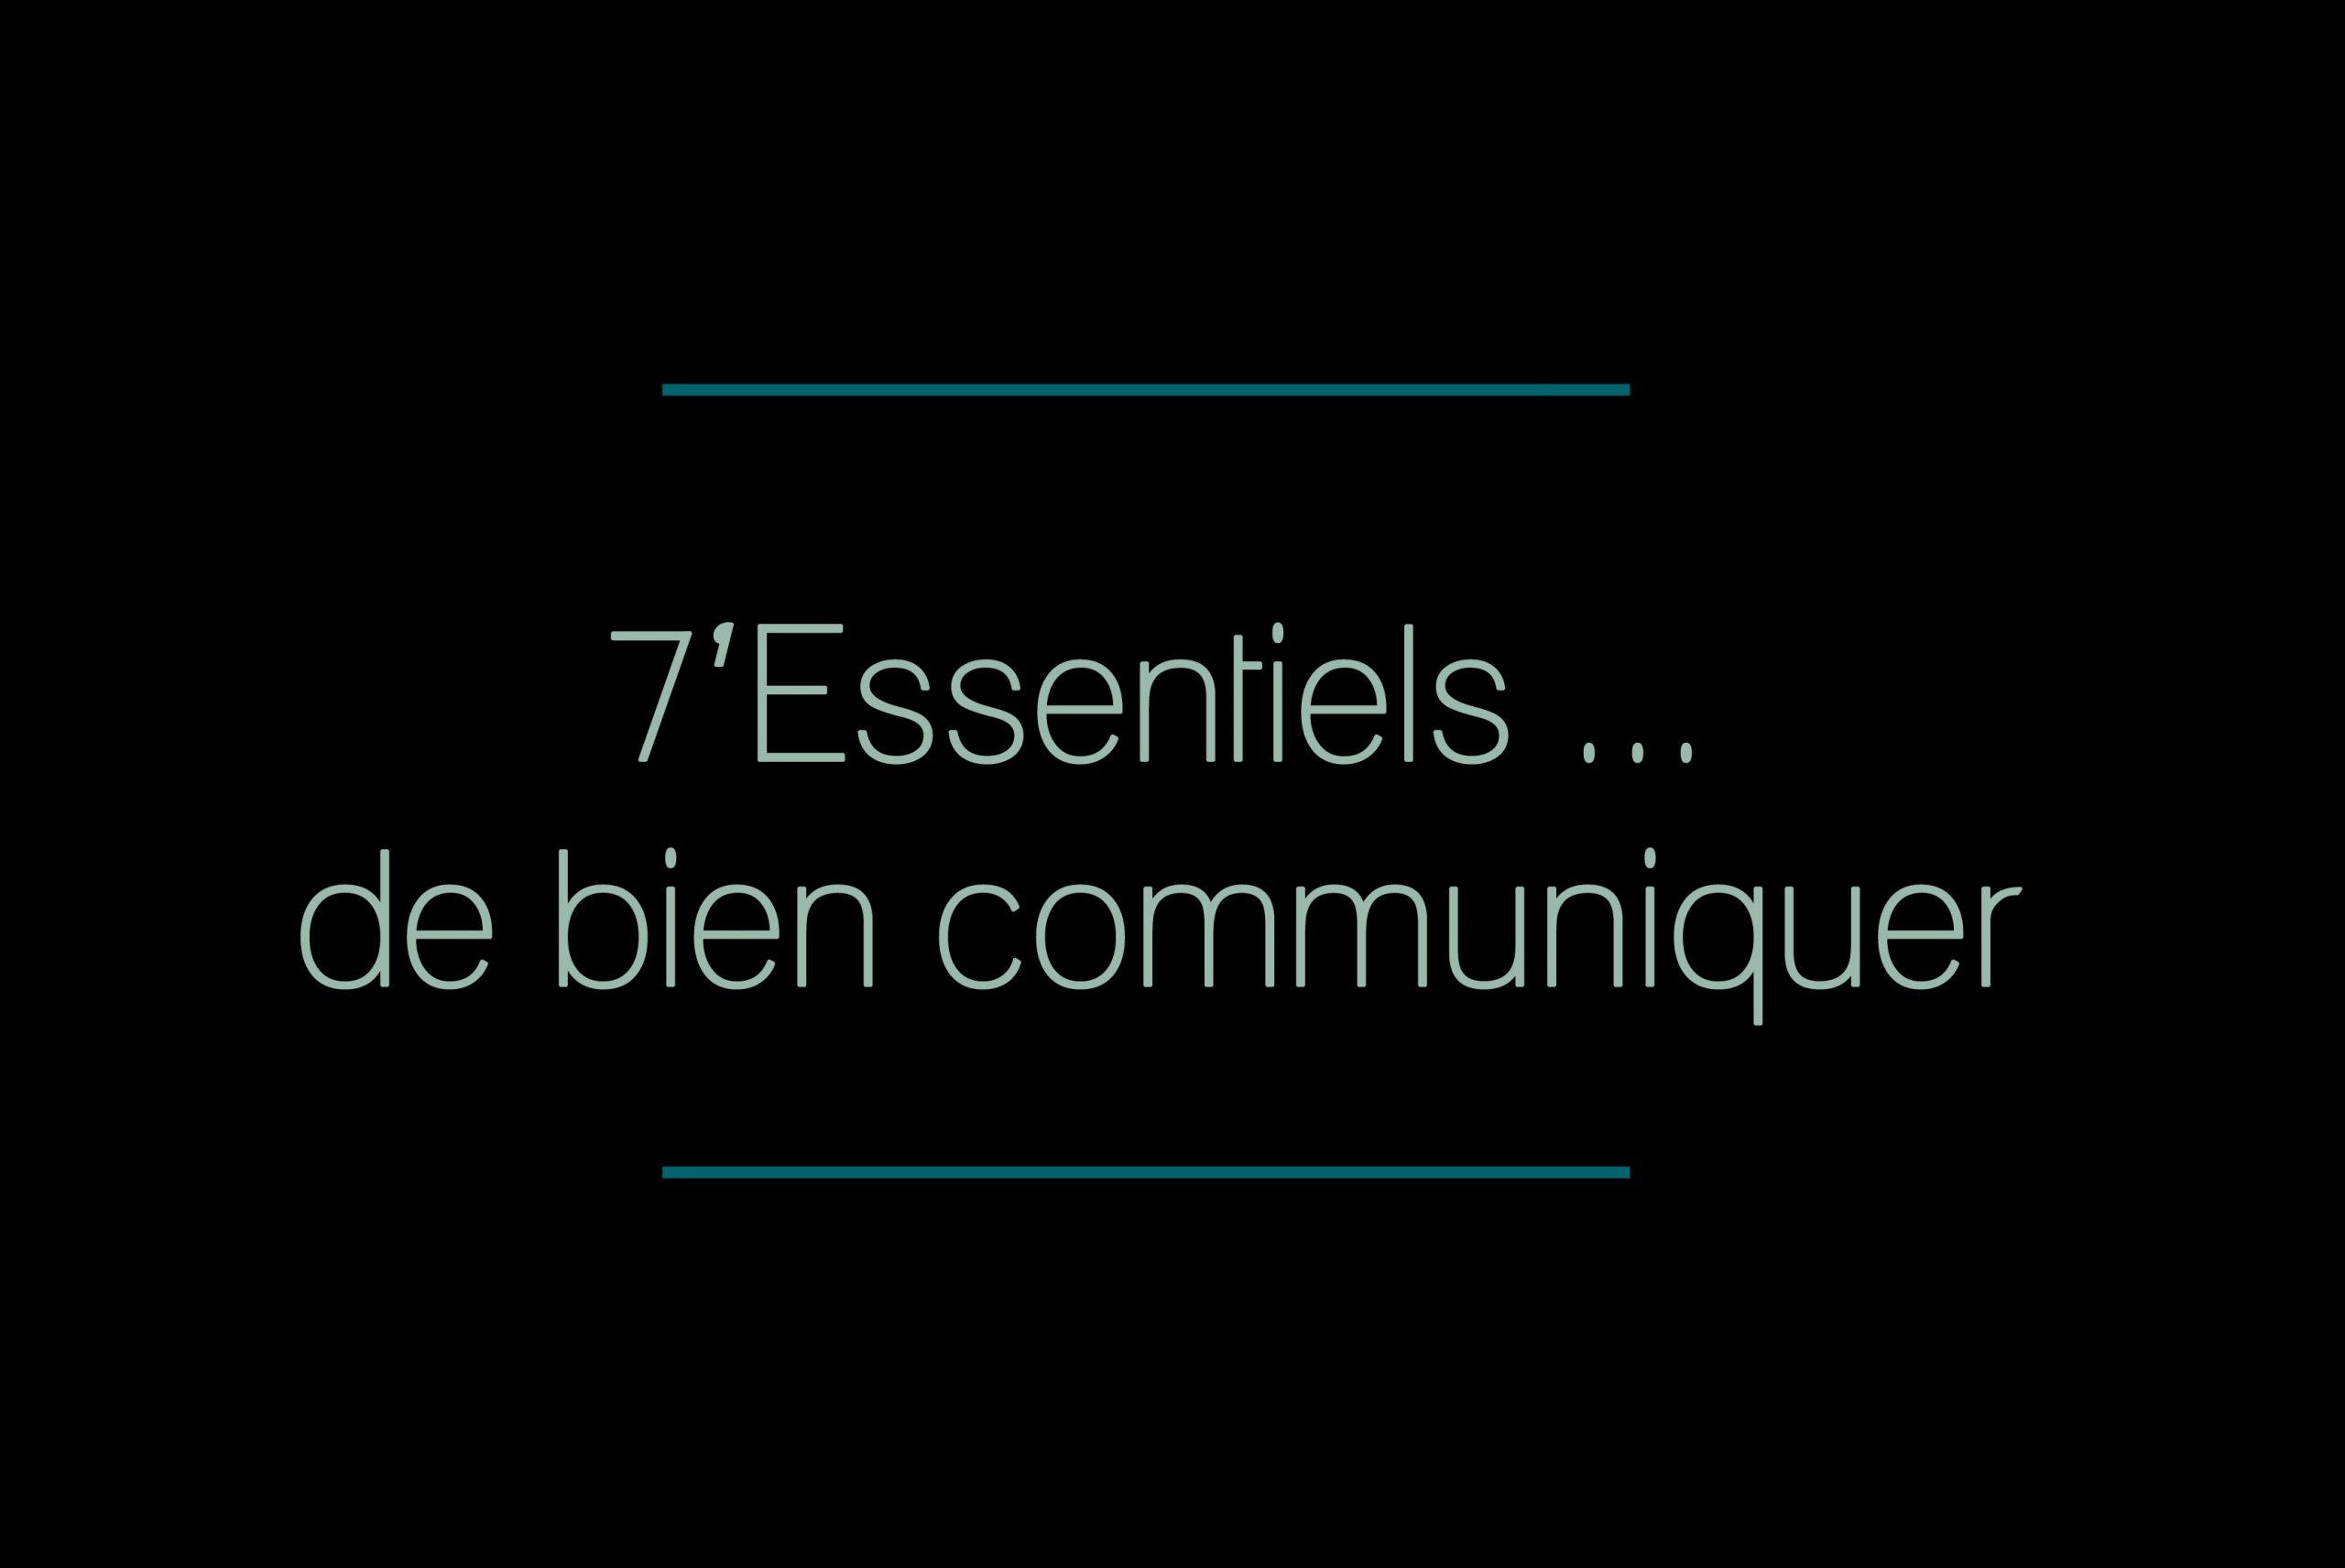 7 essentiels de bien communiquer